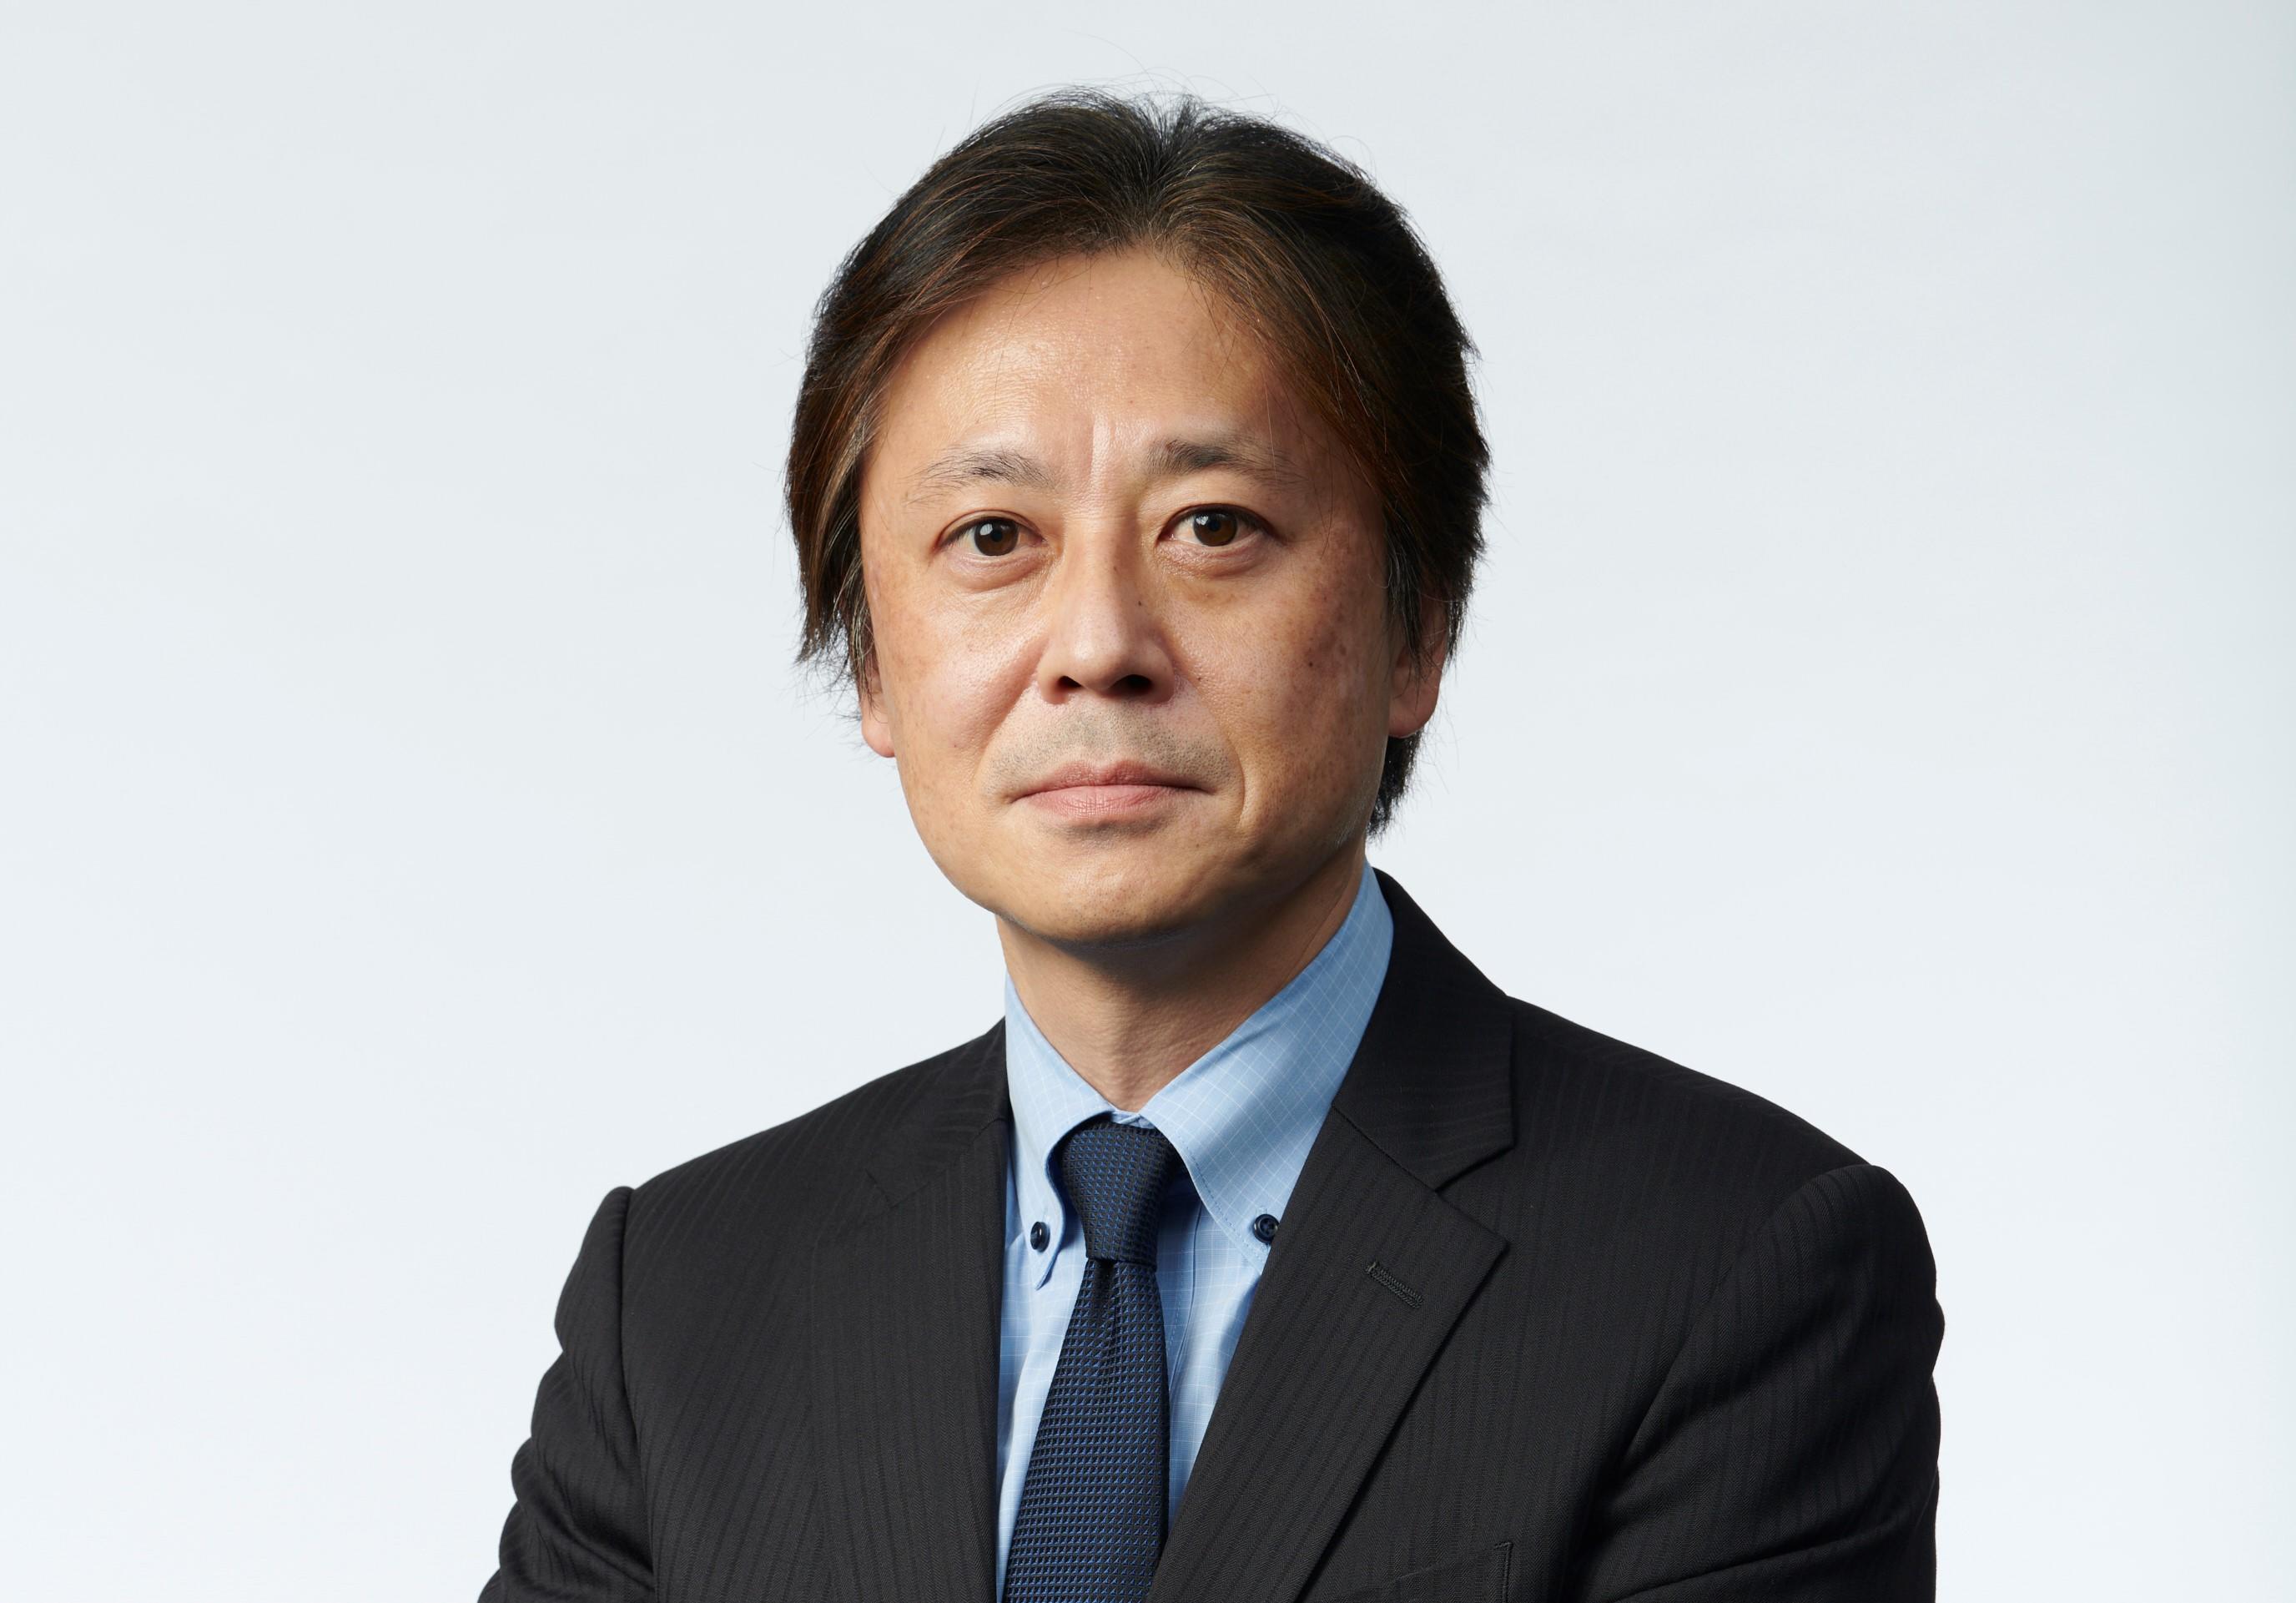 関東学院大学 新学長の就任について 小山 嚴也 学長